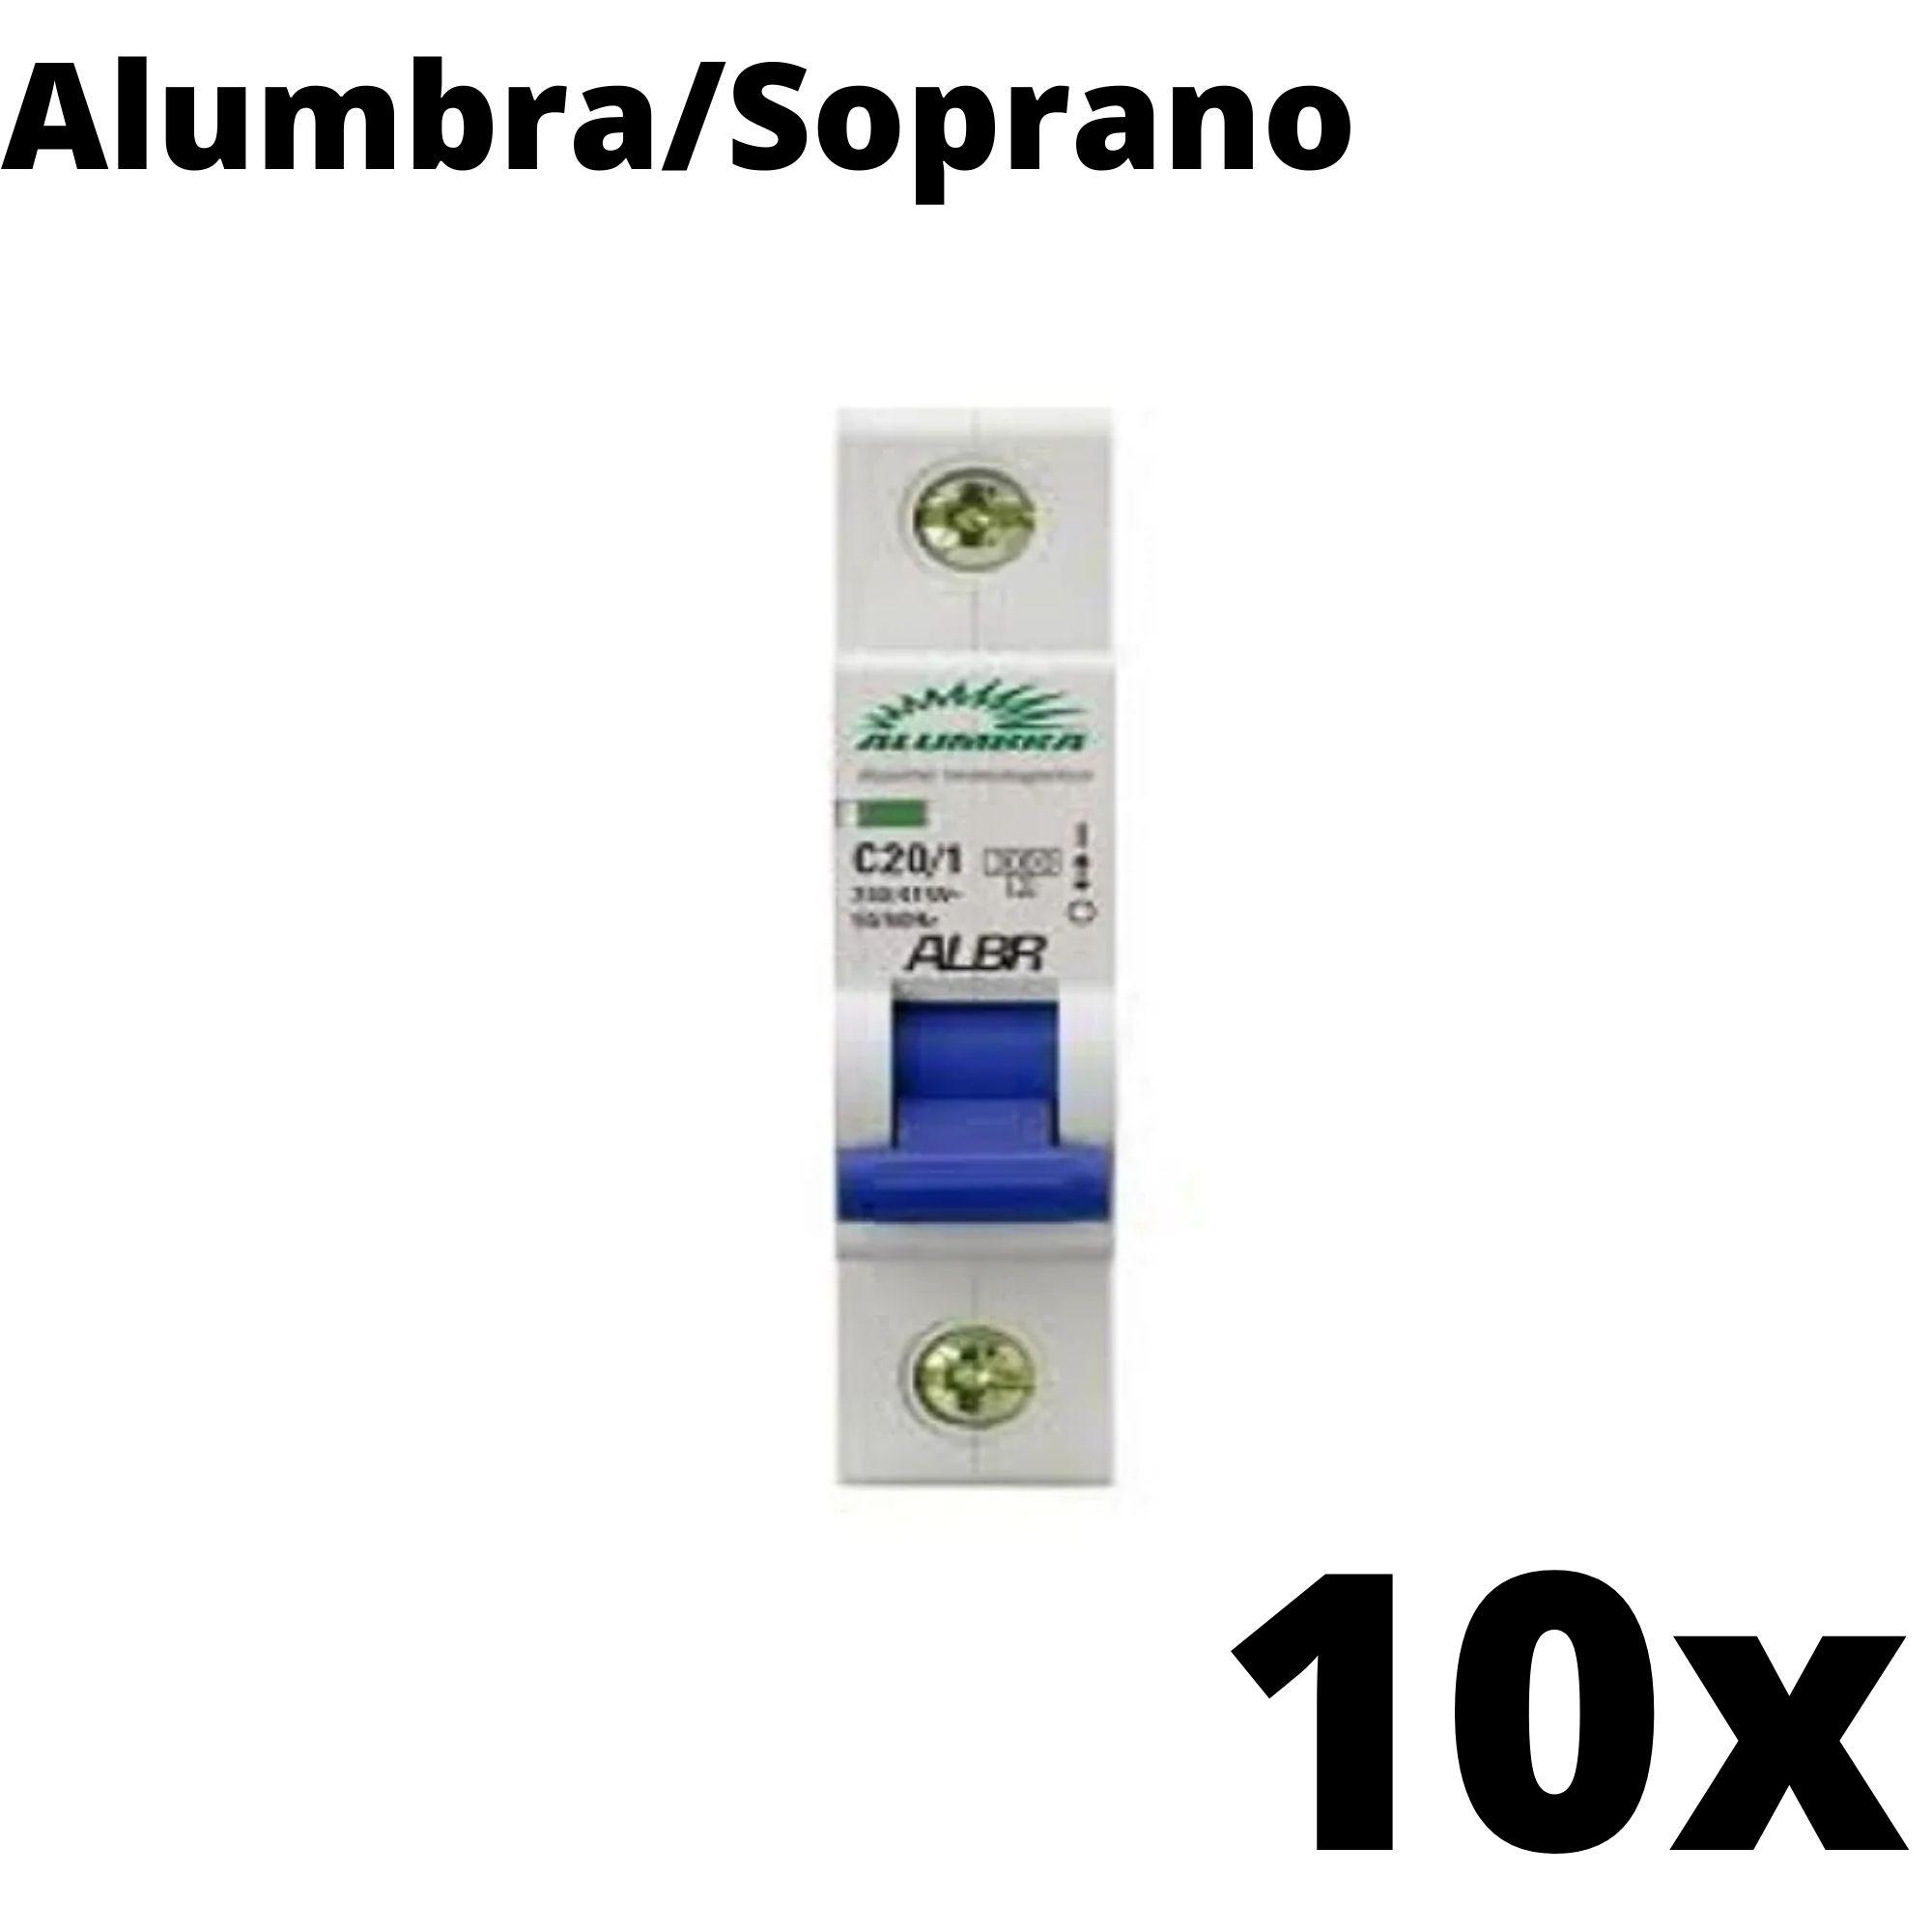 Kit 10 und Disjuntor Din Mono 20A